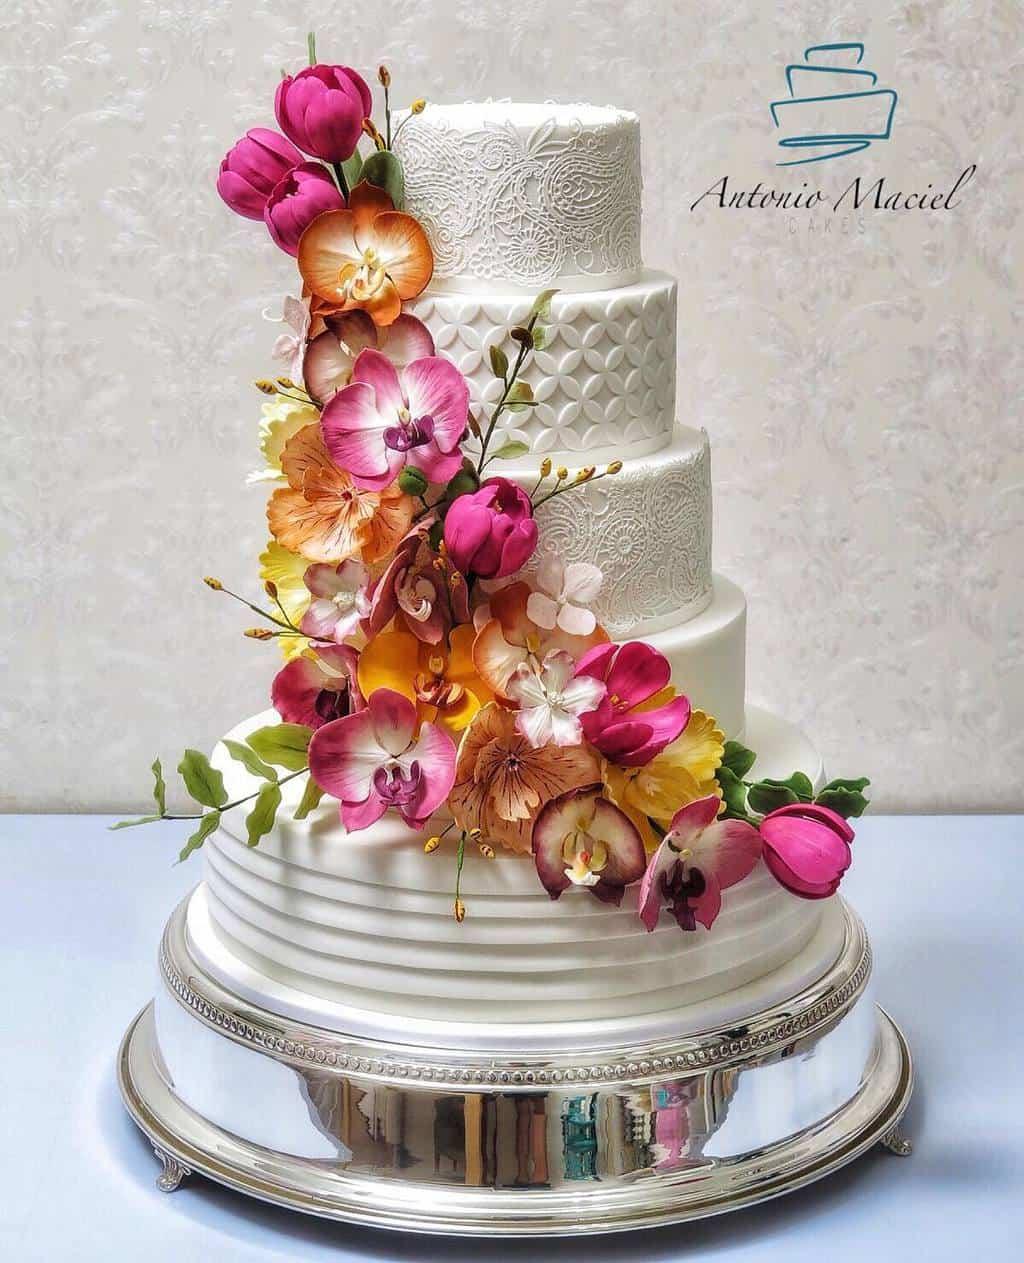 Antonio-Maciel-Cake